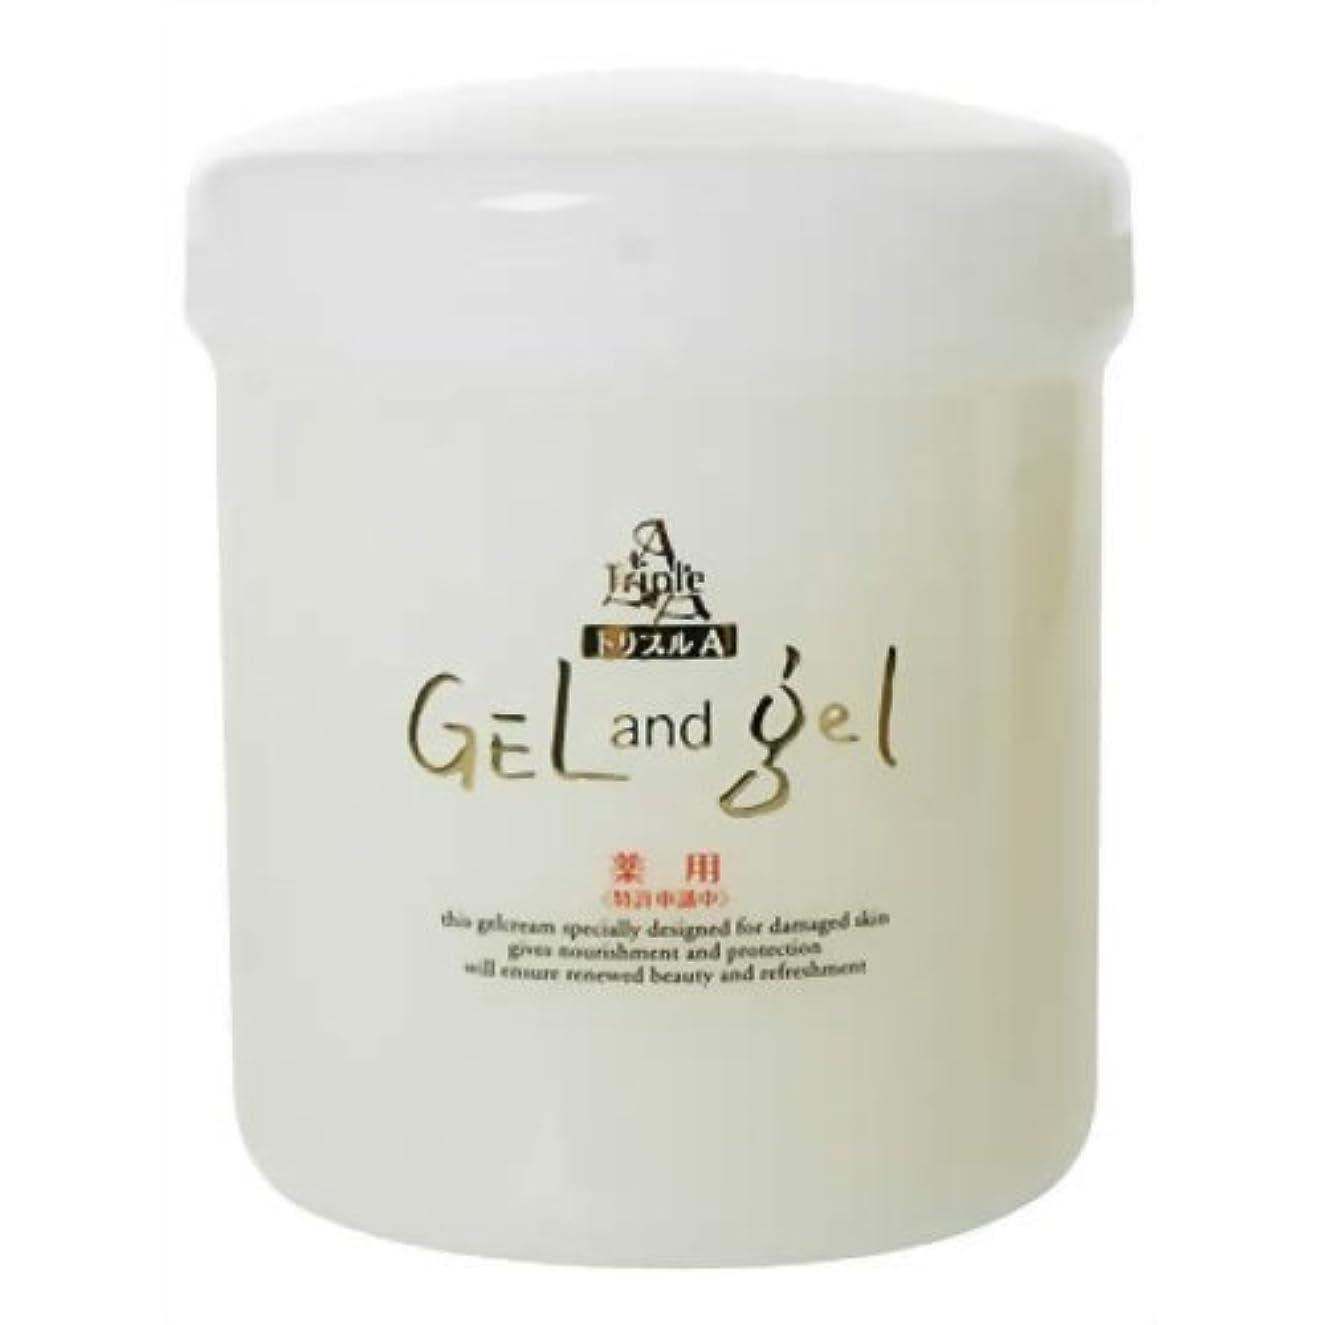 リーガン石膏エキスパート薬用トリプルA ゲル&ゲル クリーム 500g